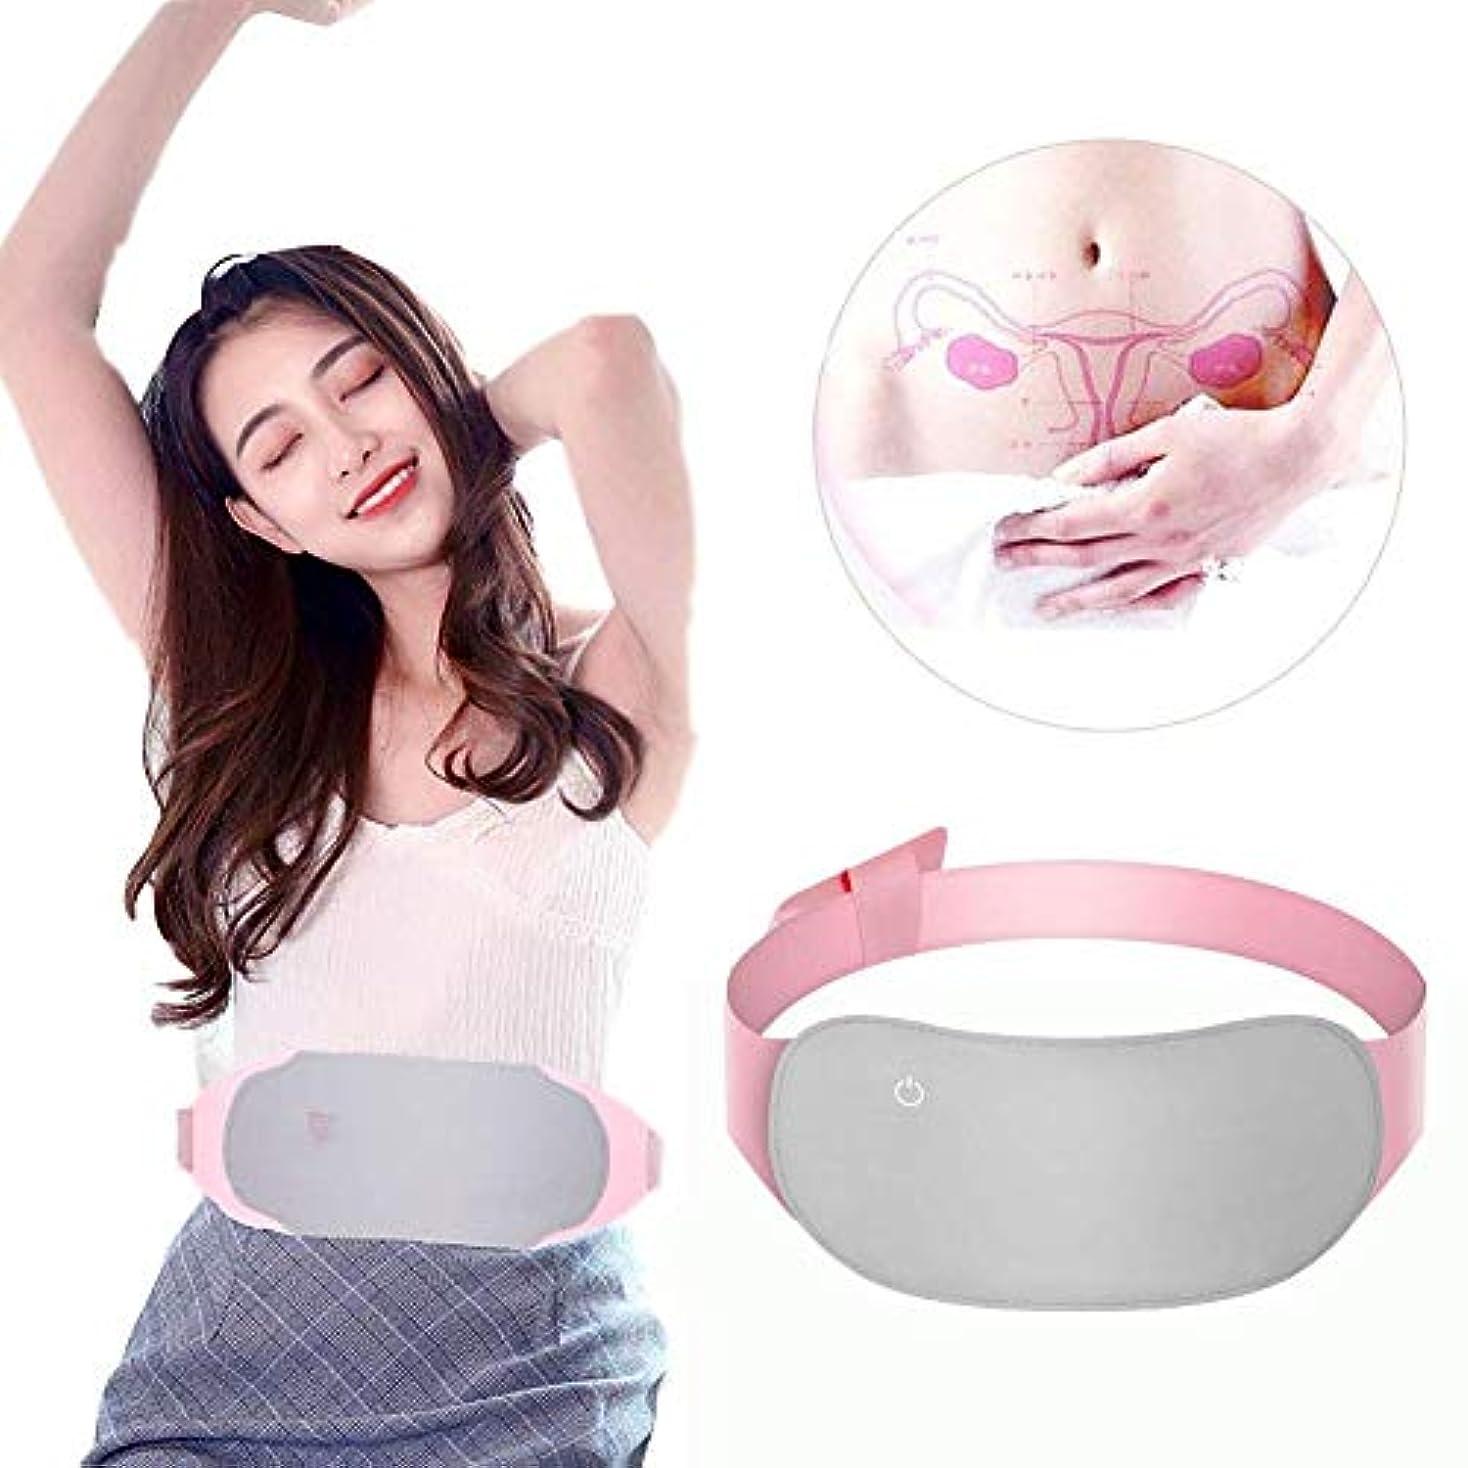 アクセシブルこの交換可能ポータブル電気加熱パッド、腰痛緩和のためのUSBケーブル付き遠赤外線加熱ウエストベルト